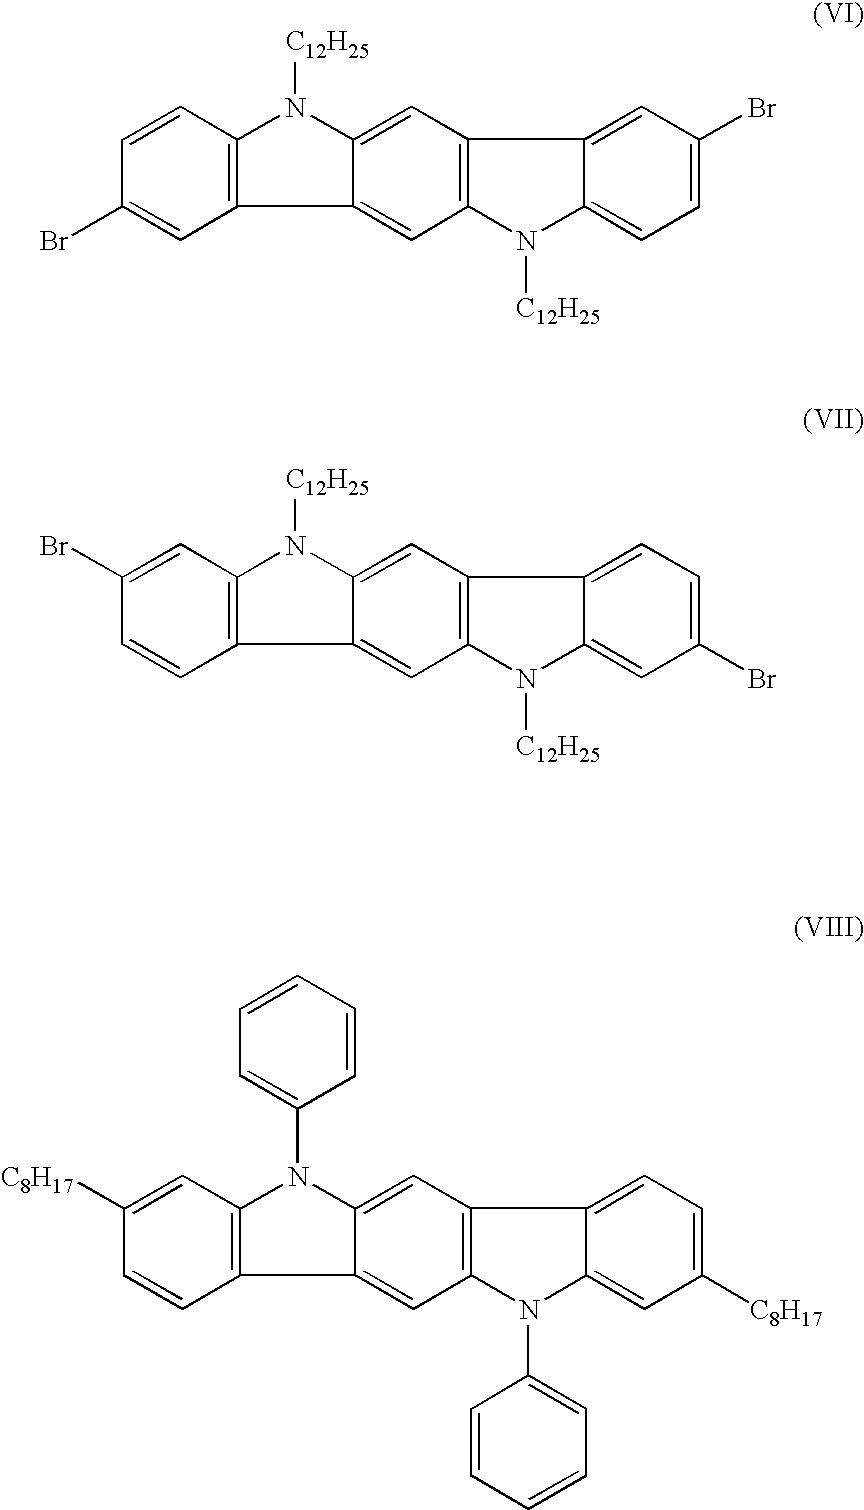 Figure US07173140-20070206-C00008